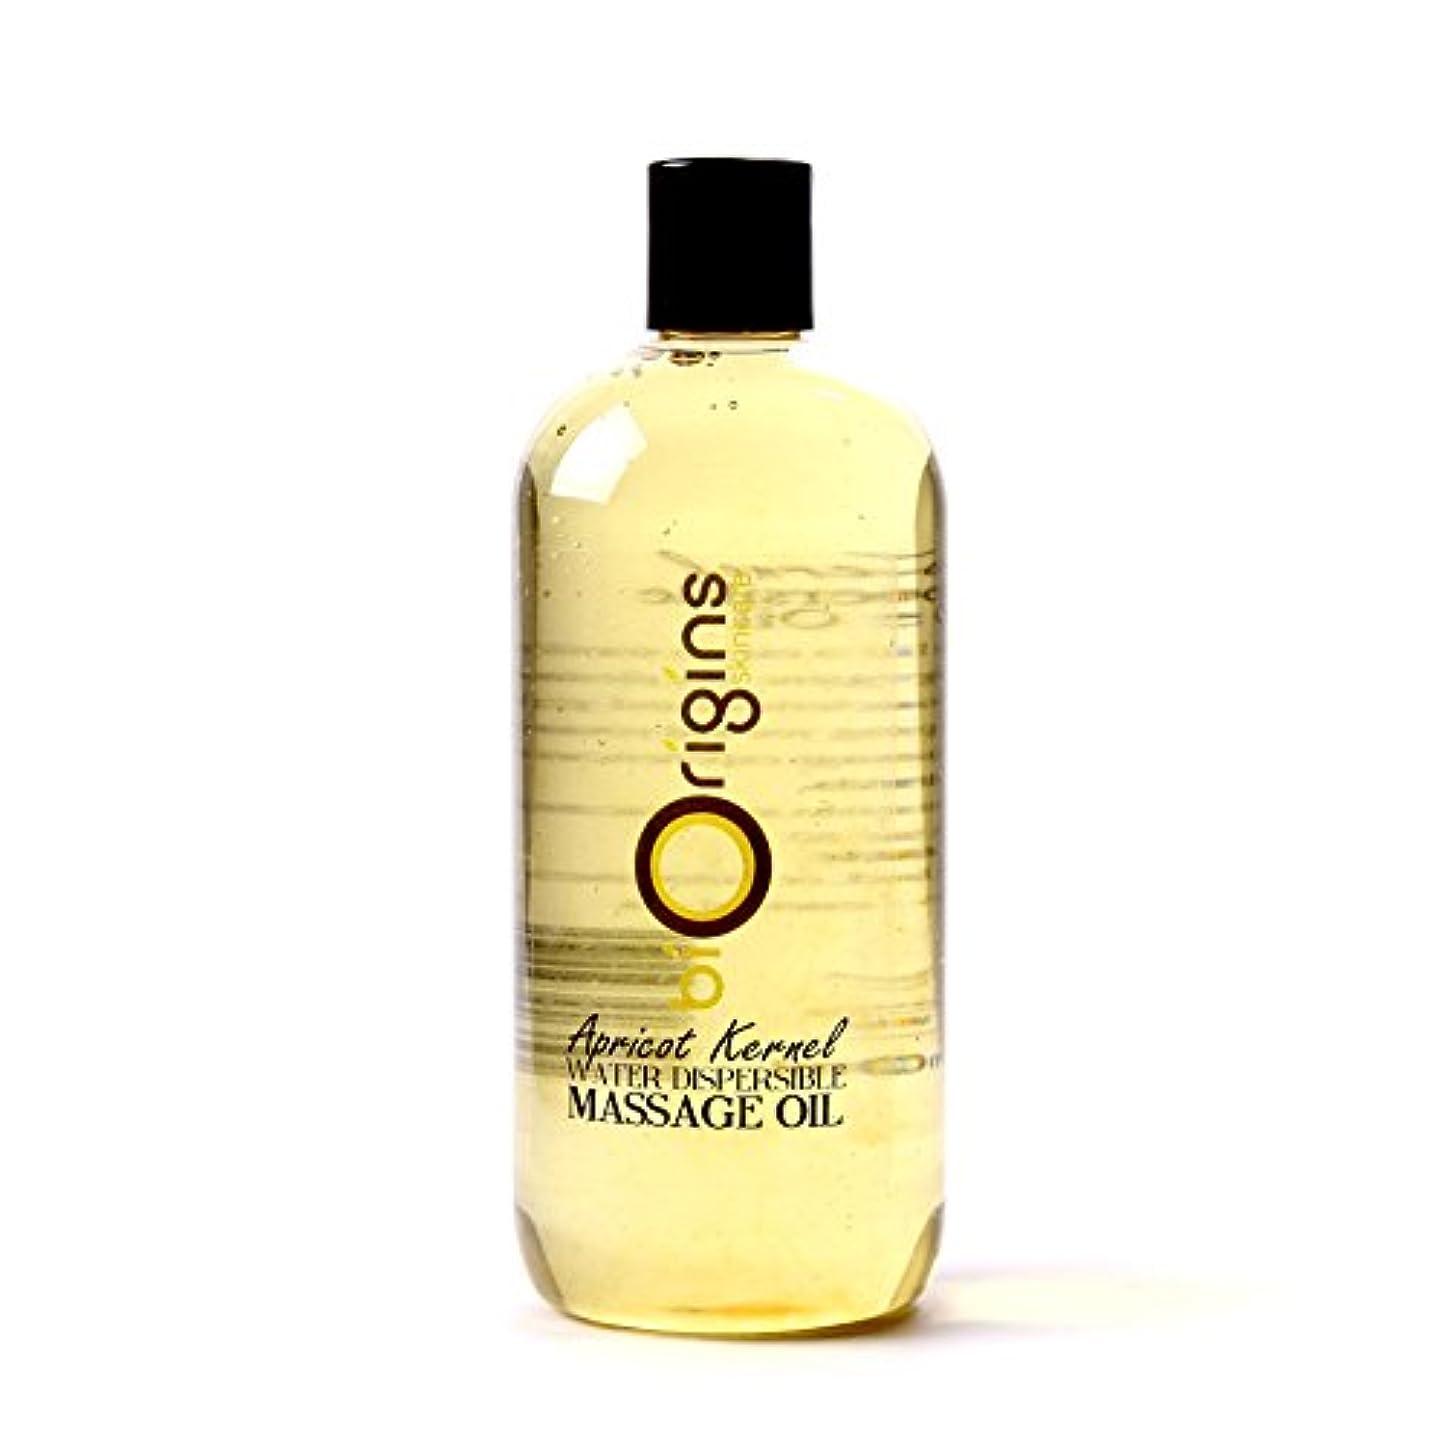 が欲しい世界思い出すApricot Kernel Water Dispersible Massage Oil - 500ml - 100% Pure